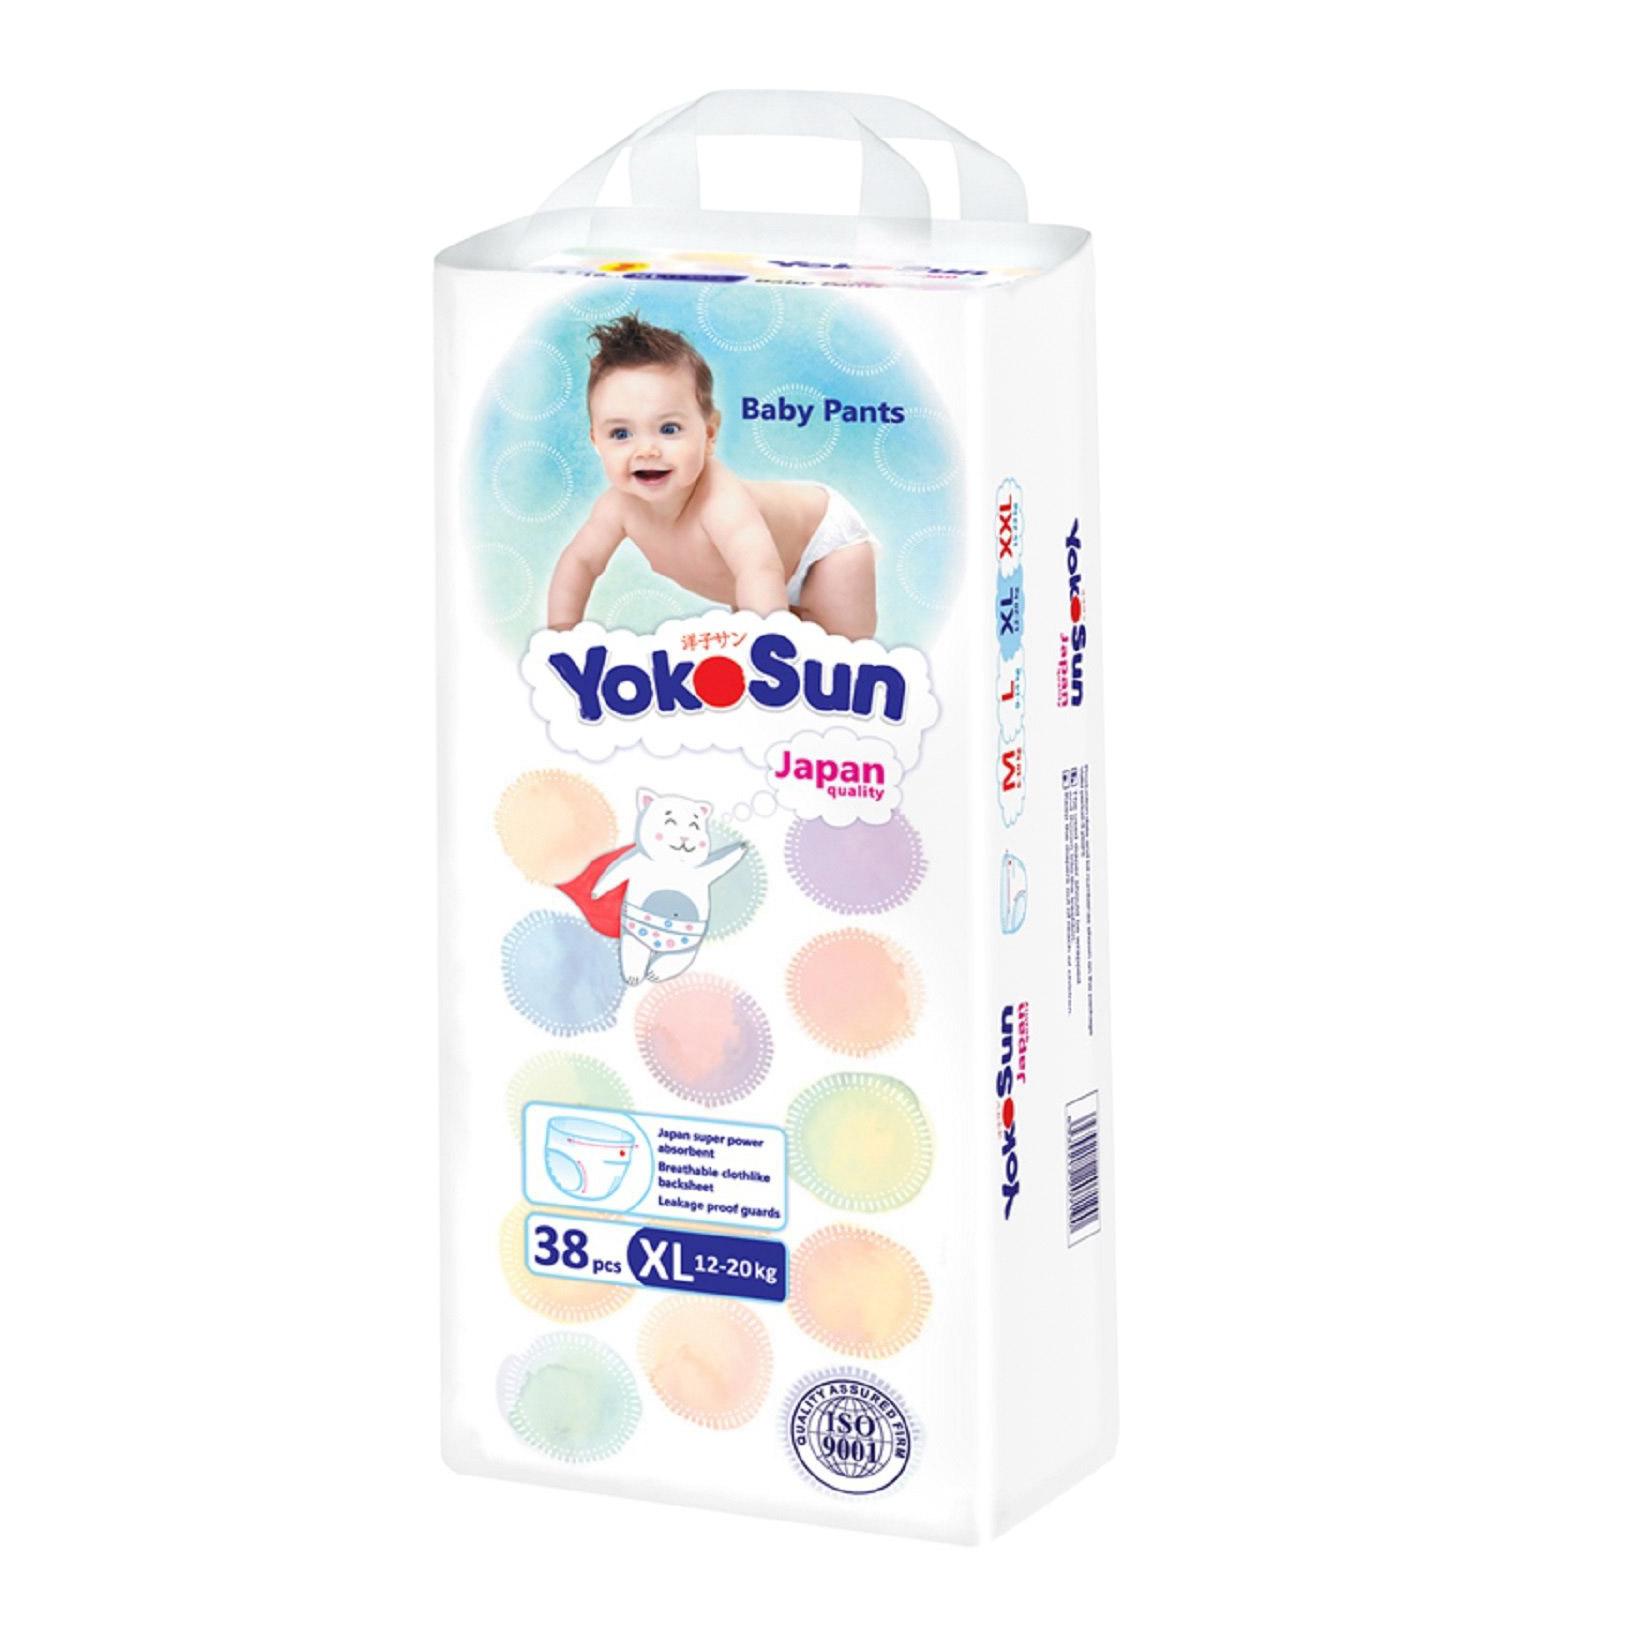 Фото - Подгузники-Трусики YokoSun XL 12-20 кг 38 шт yokosun трусики xl 12 20 кг 76 шт игрушка для ванной котик йоко